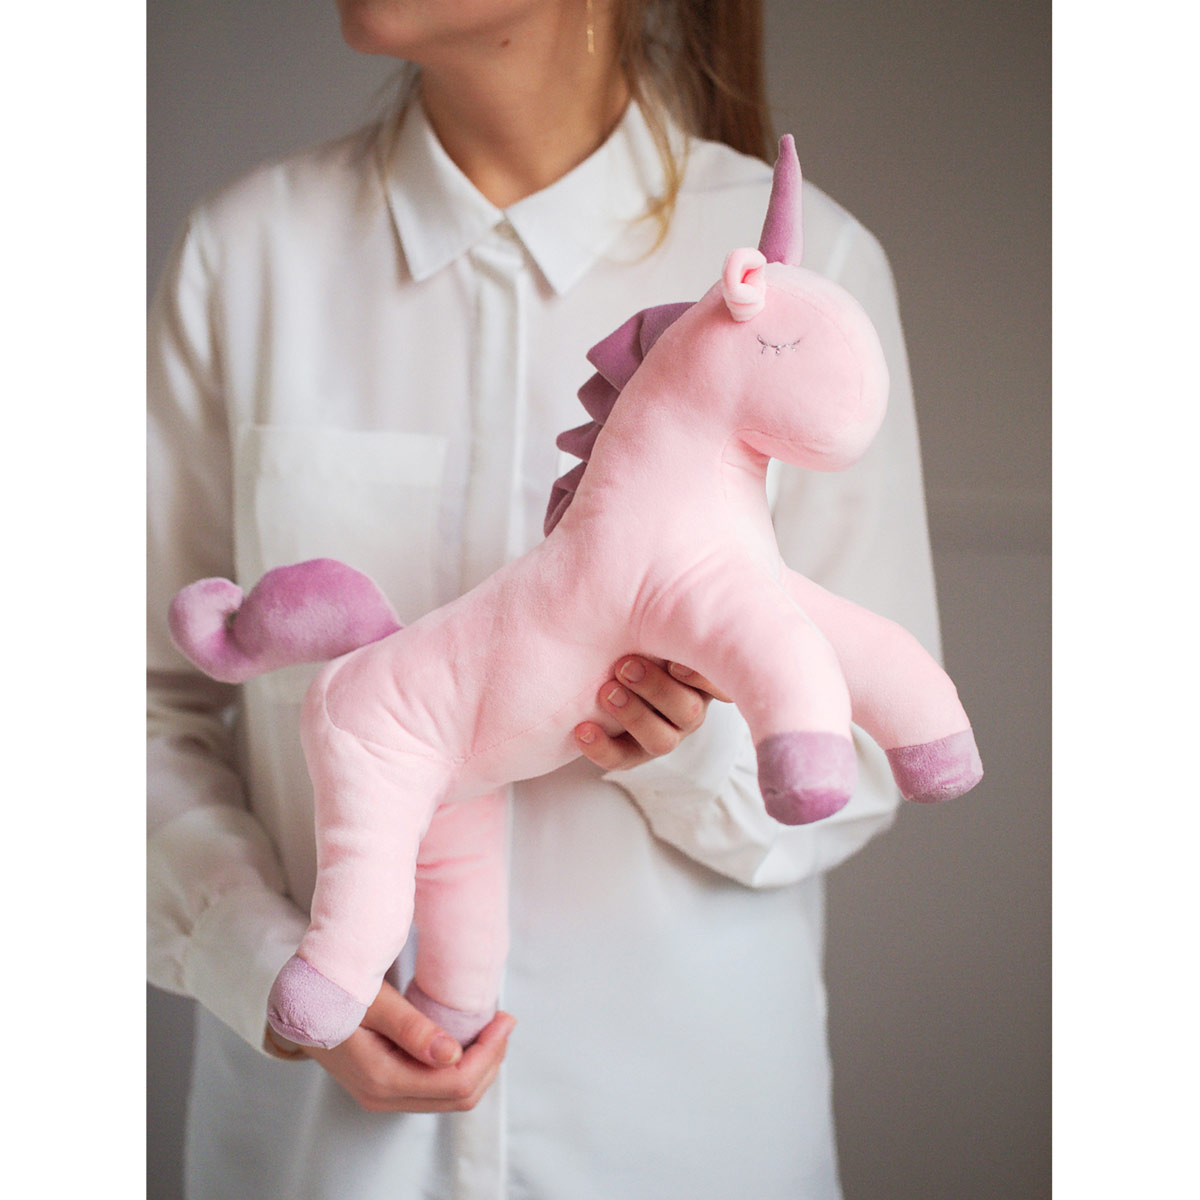 2885059 Мягкая игрушка 'Плюшевый единорог Юни', набор для шитья, 18.5*22.8*2.5 см